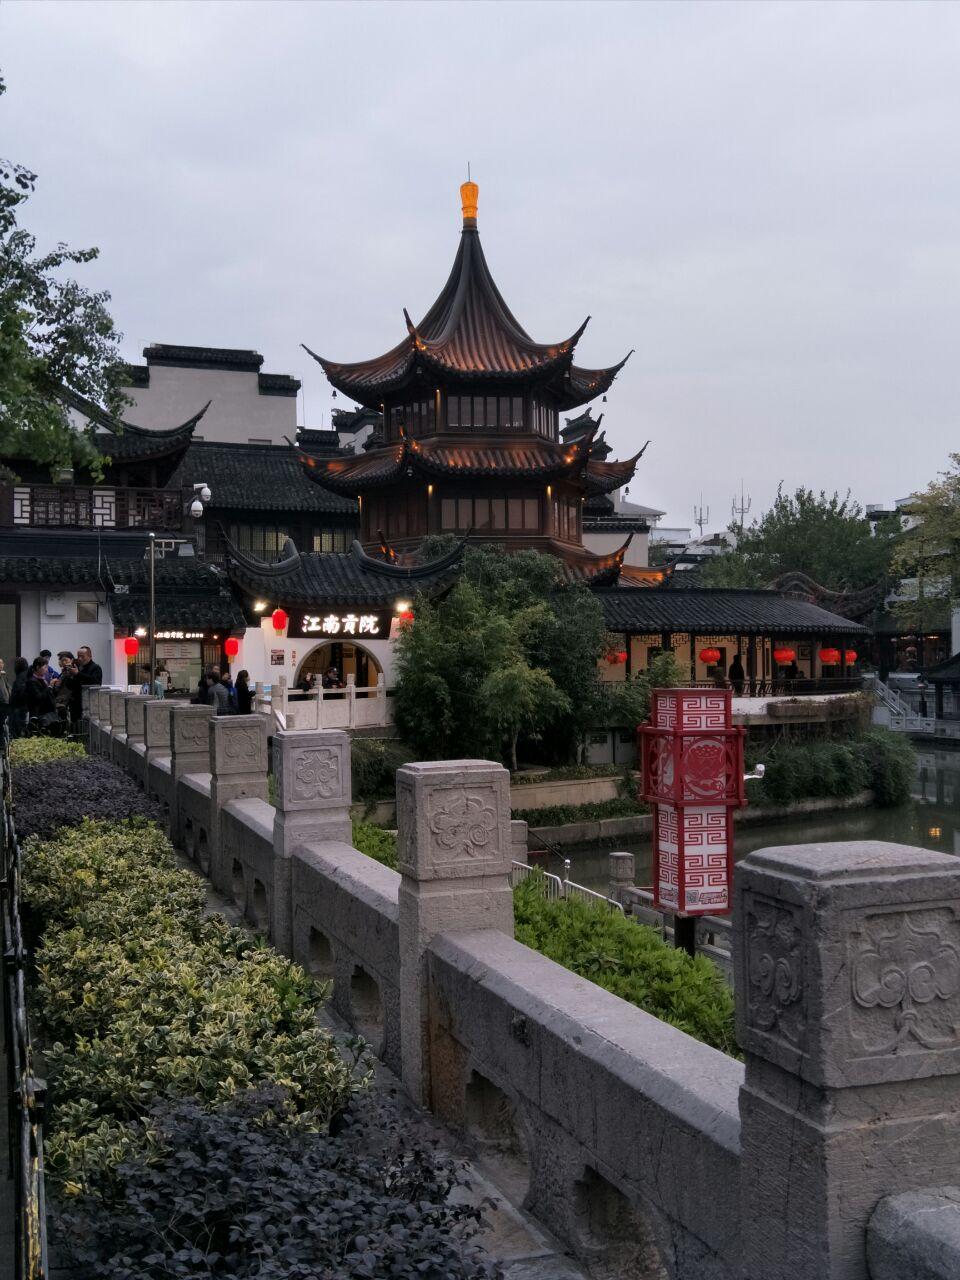 南京夫子庙小吃地�_【携程攻略】江苏南京夫子庙好玩吗,江苏夫子庙景点样